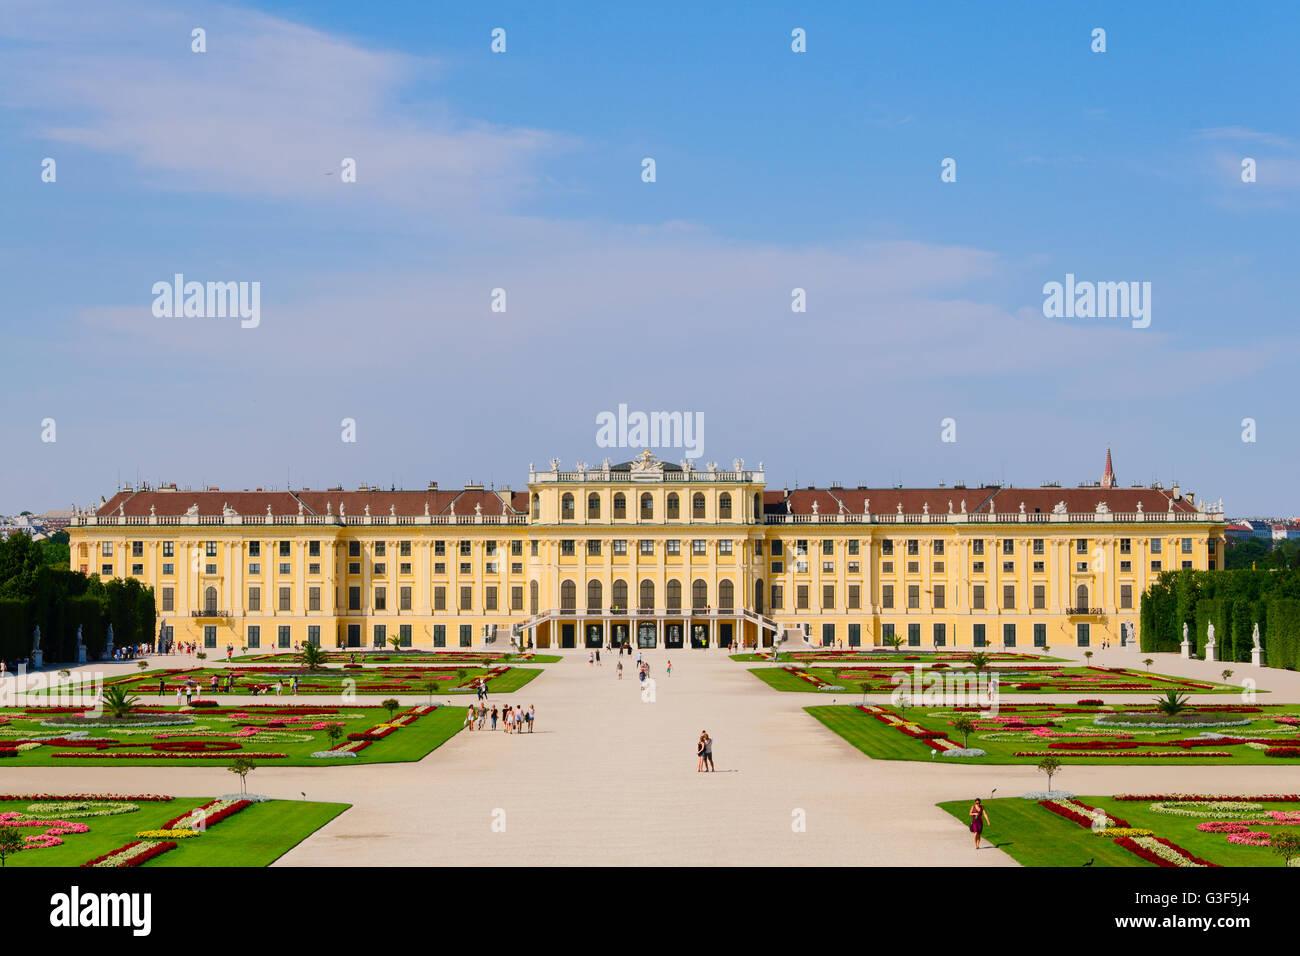 Vue panoramique sur le Palais Schönbrunn et son jardin à Vienne Photo Stock